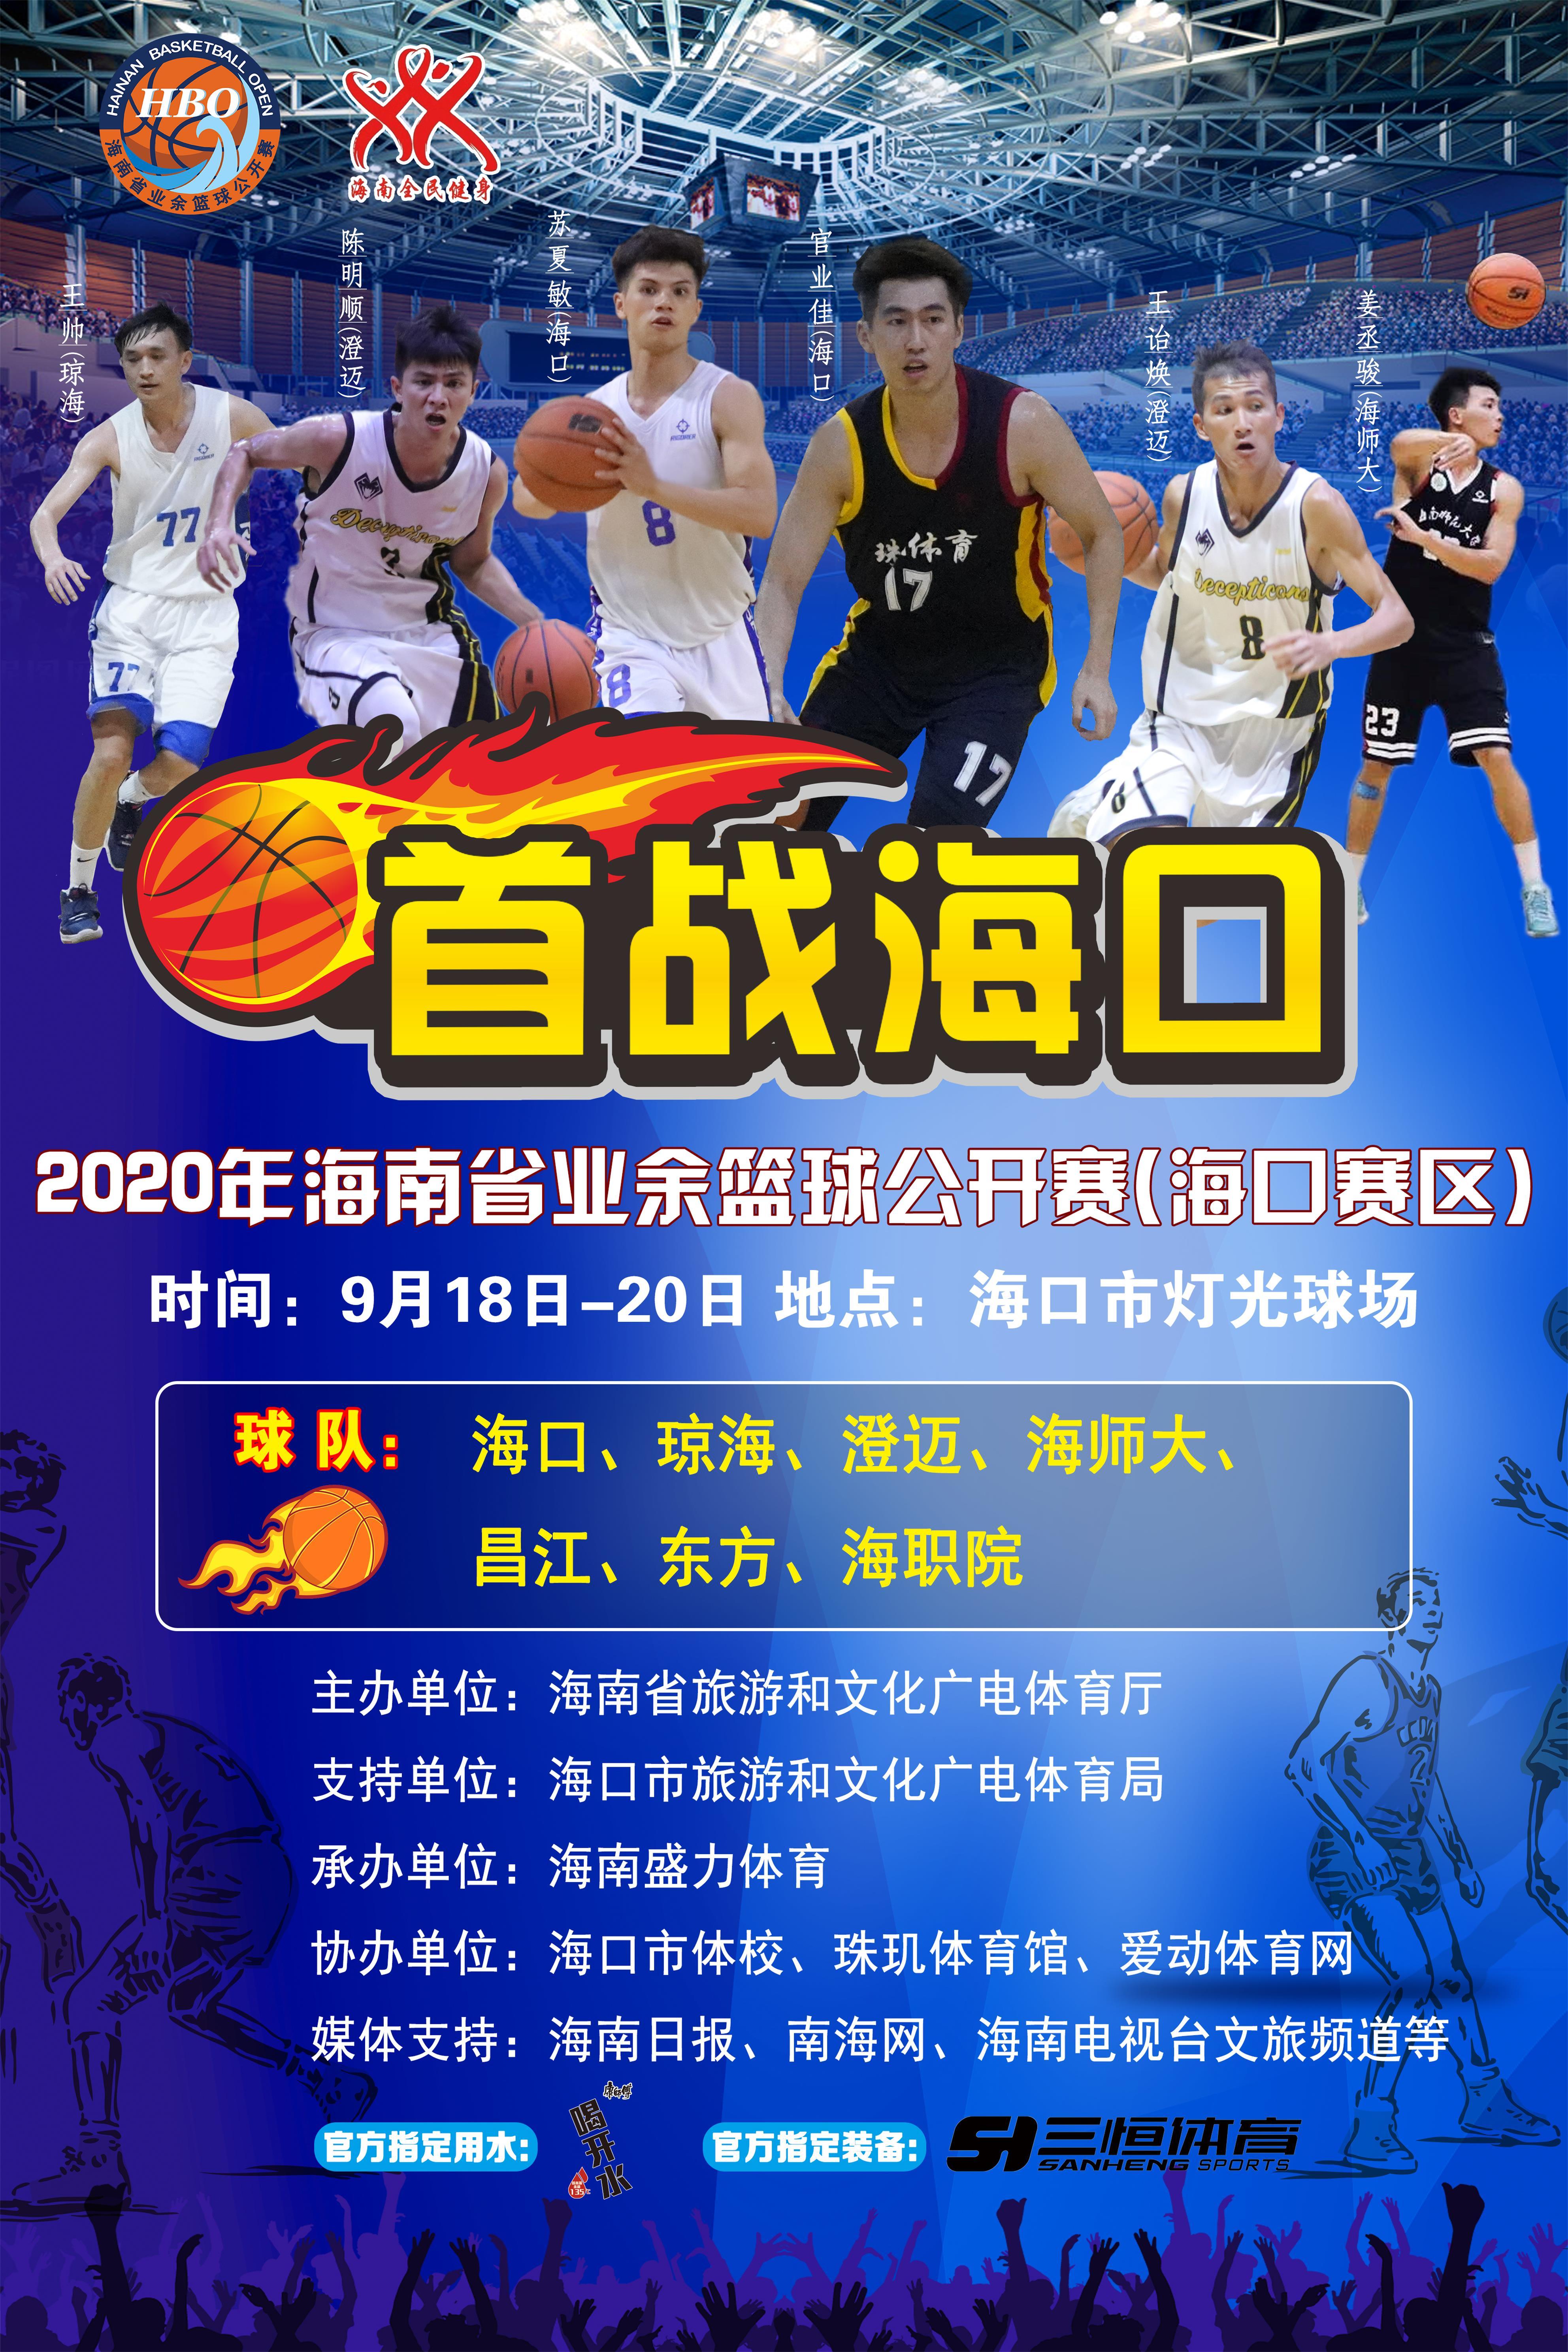 【回放】2020年海南省业余篮球公开赛 19日(推迟至20日早)海口赛区